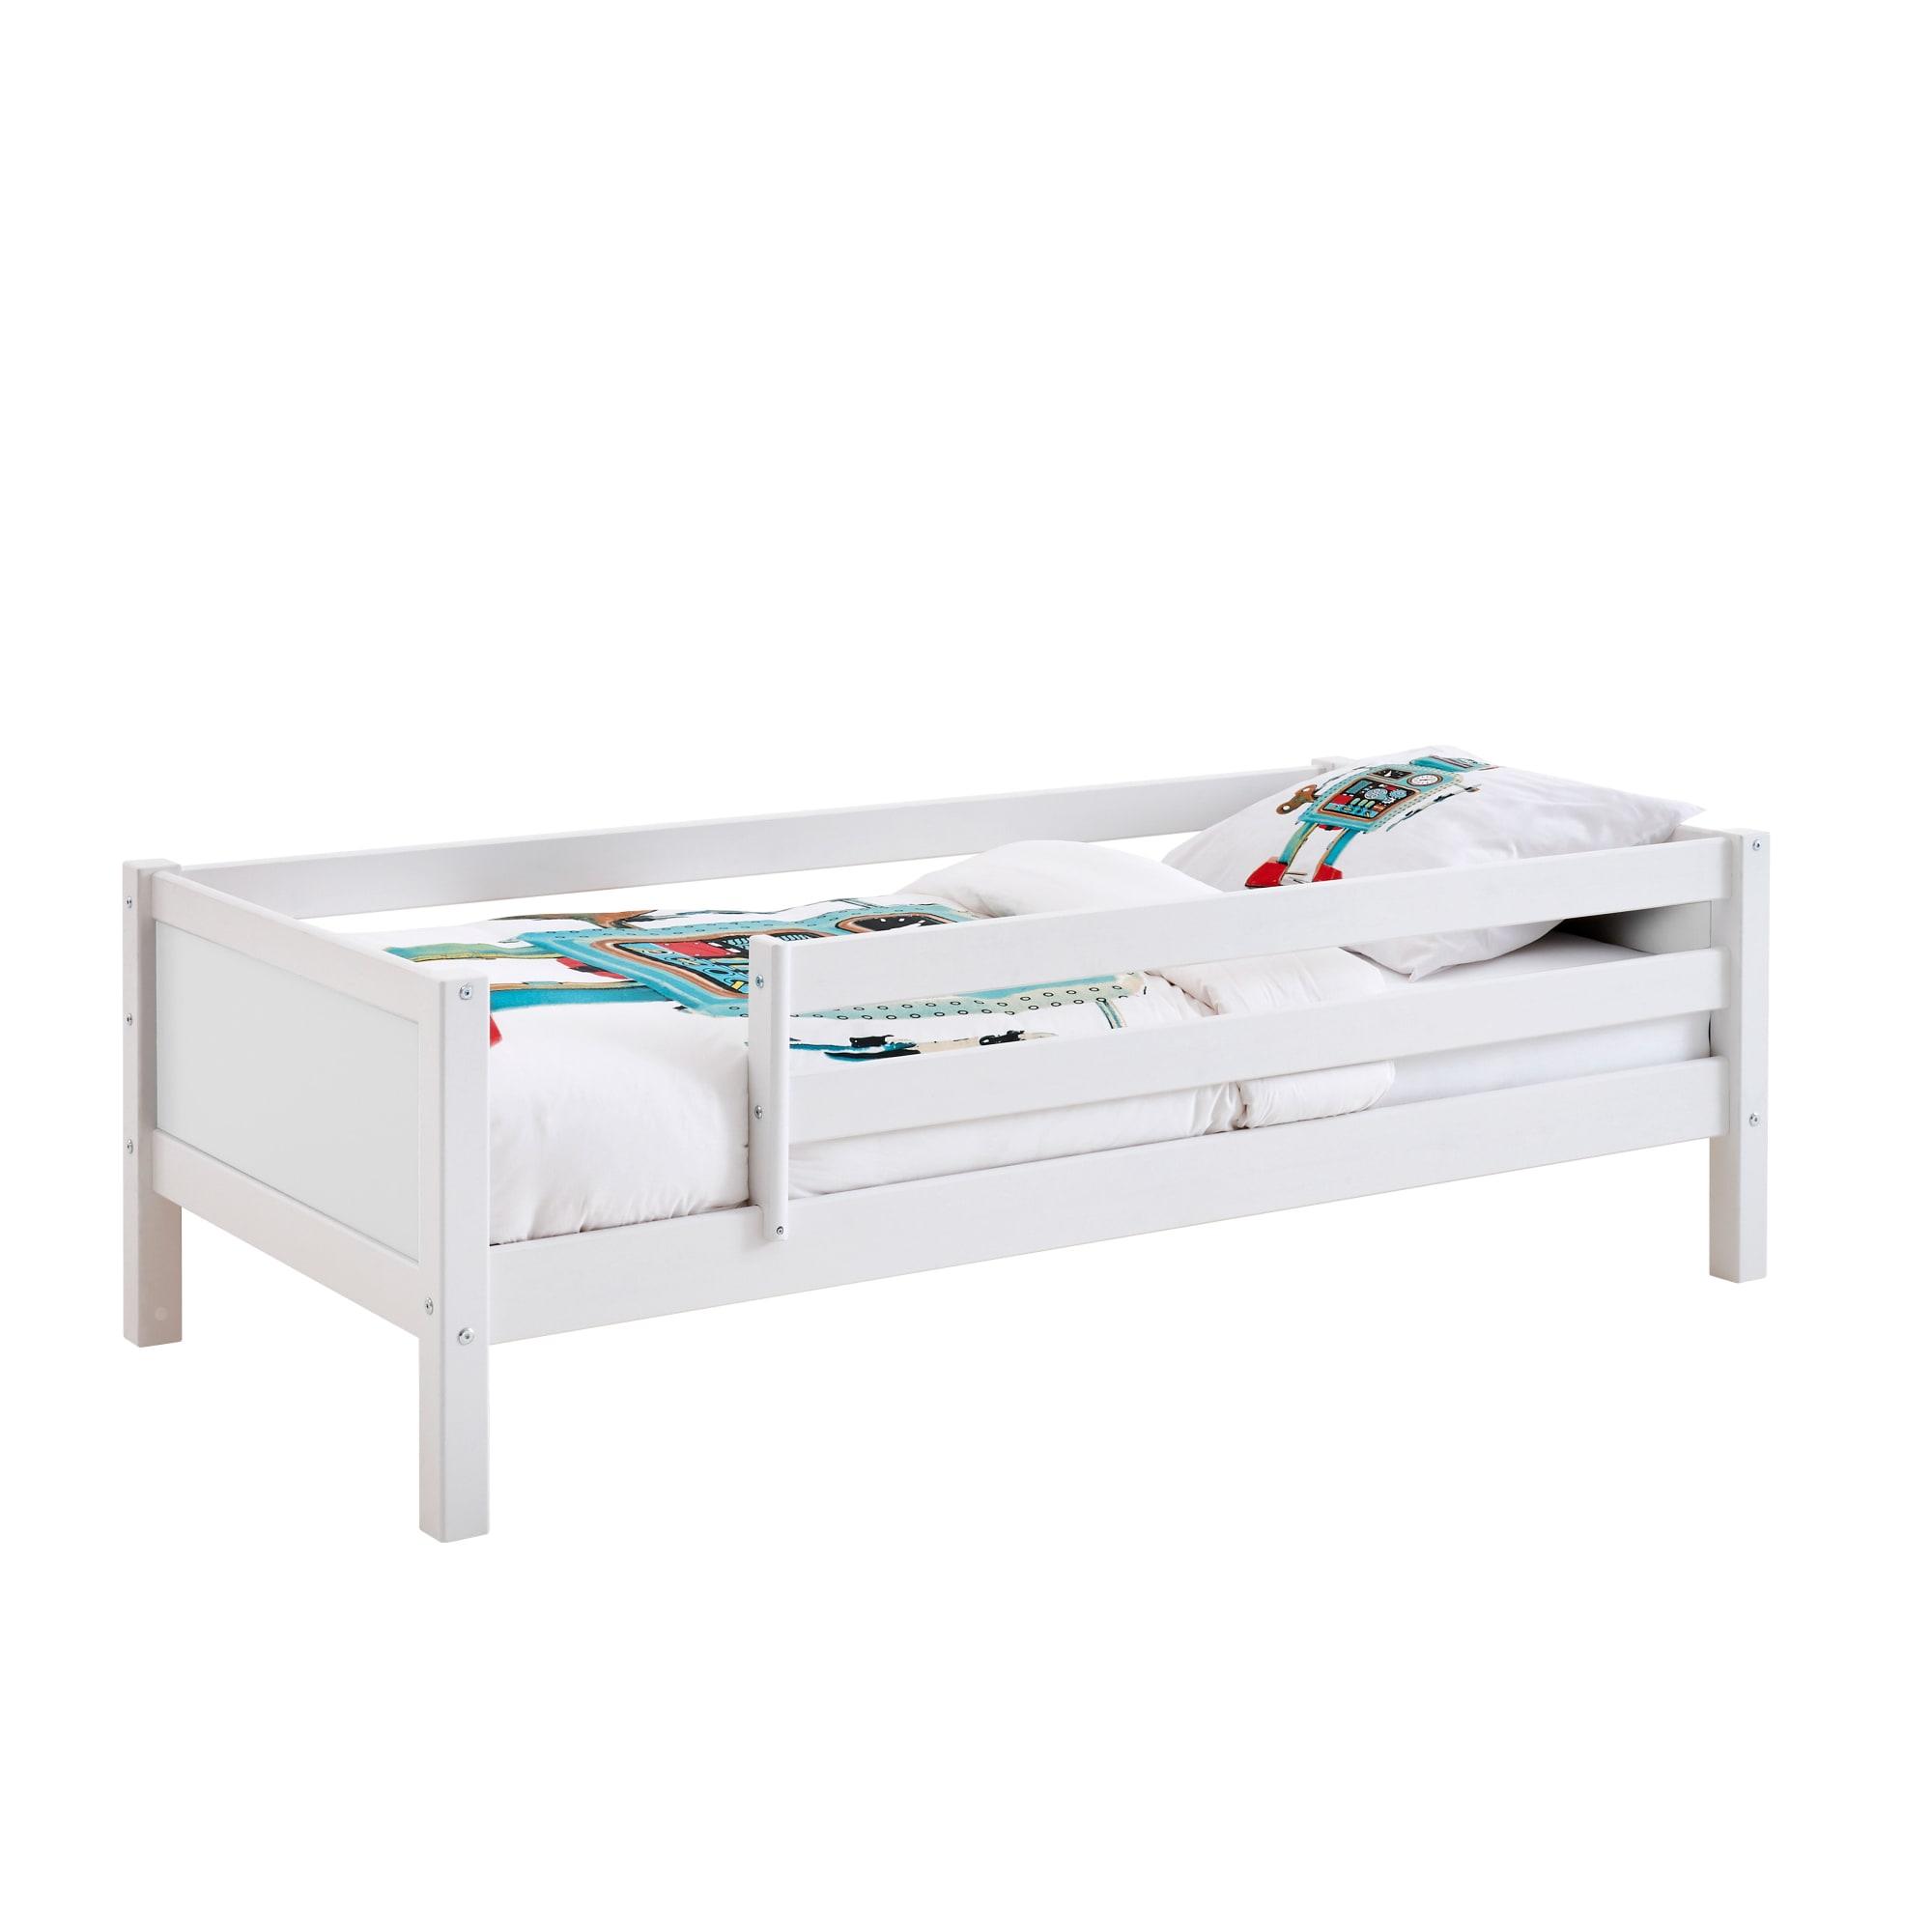 90 x 200 cm - Med sengehest på begge sider og hvide gavle